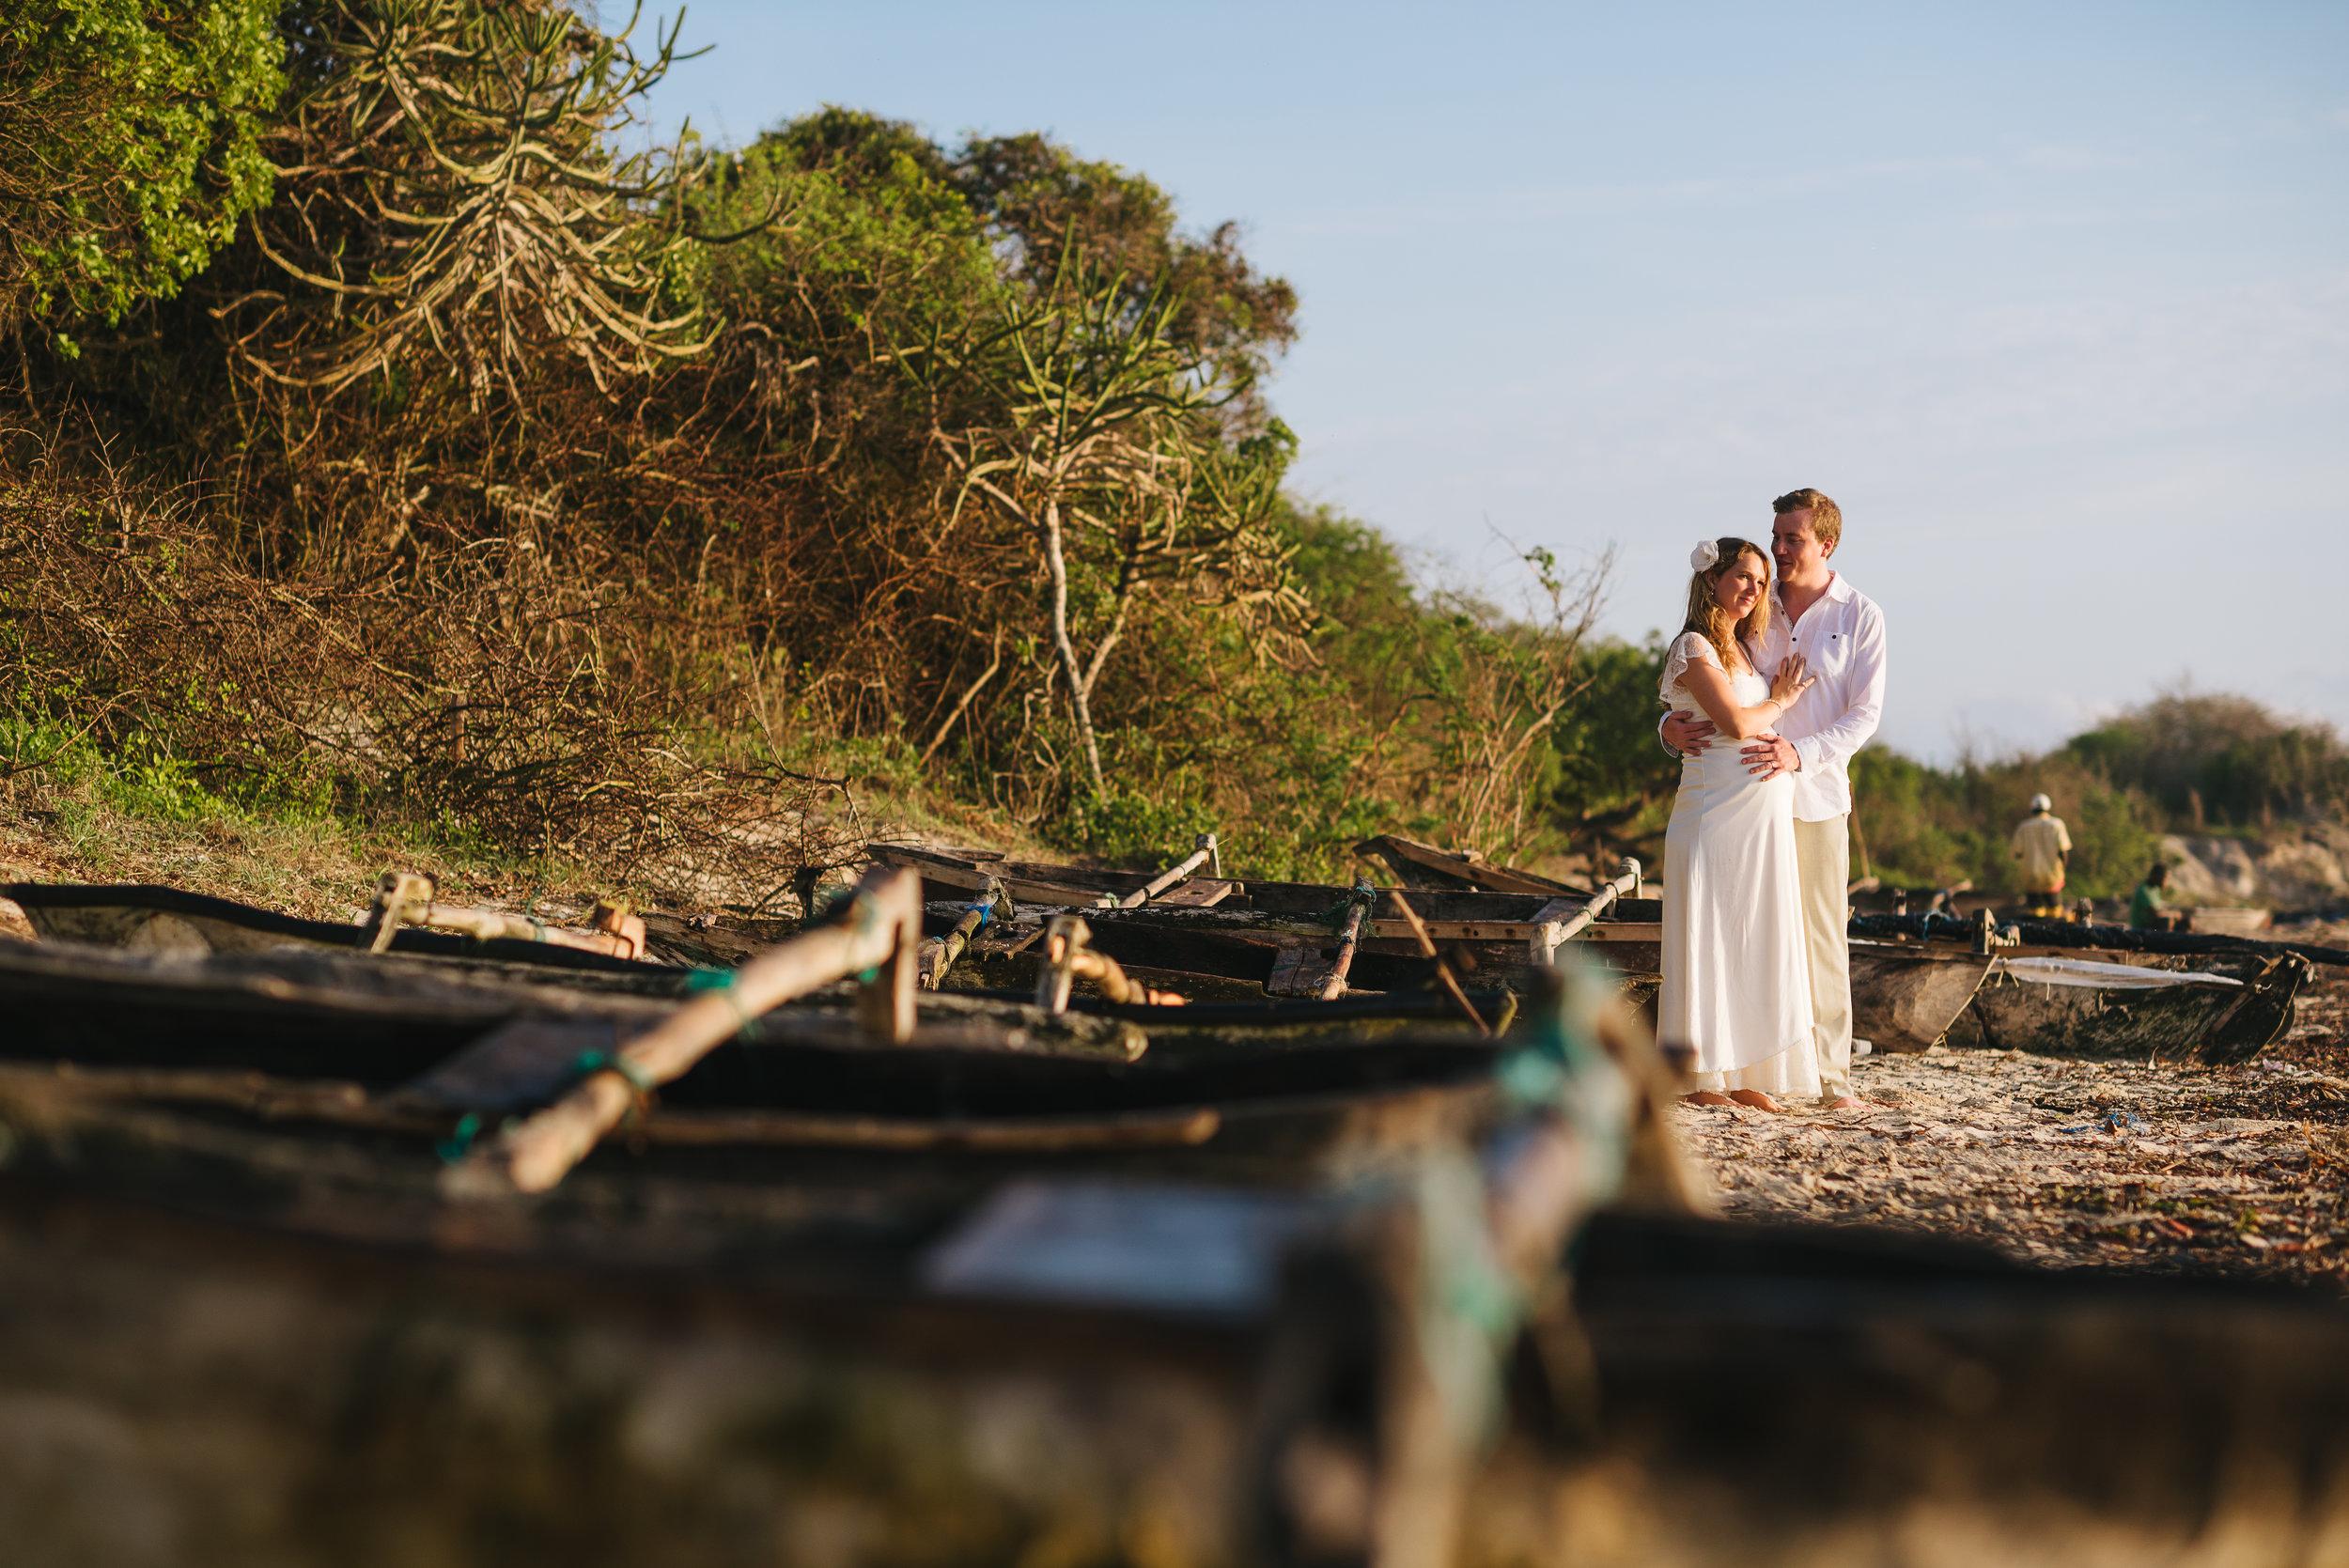 alex-miller-photography-joss-alex-mozambique-541.jpg